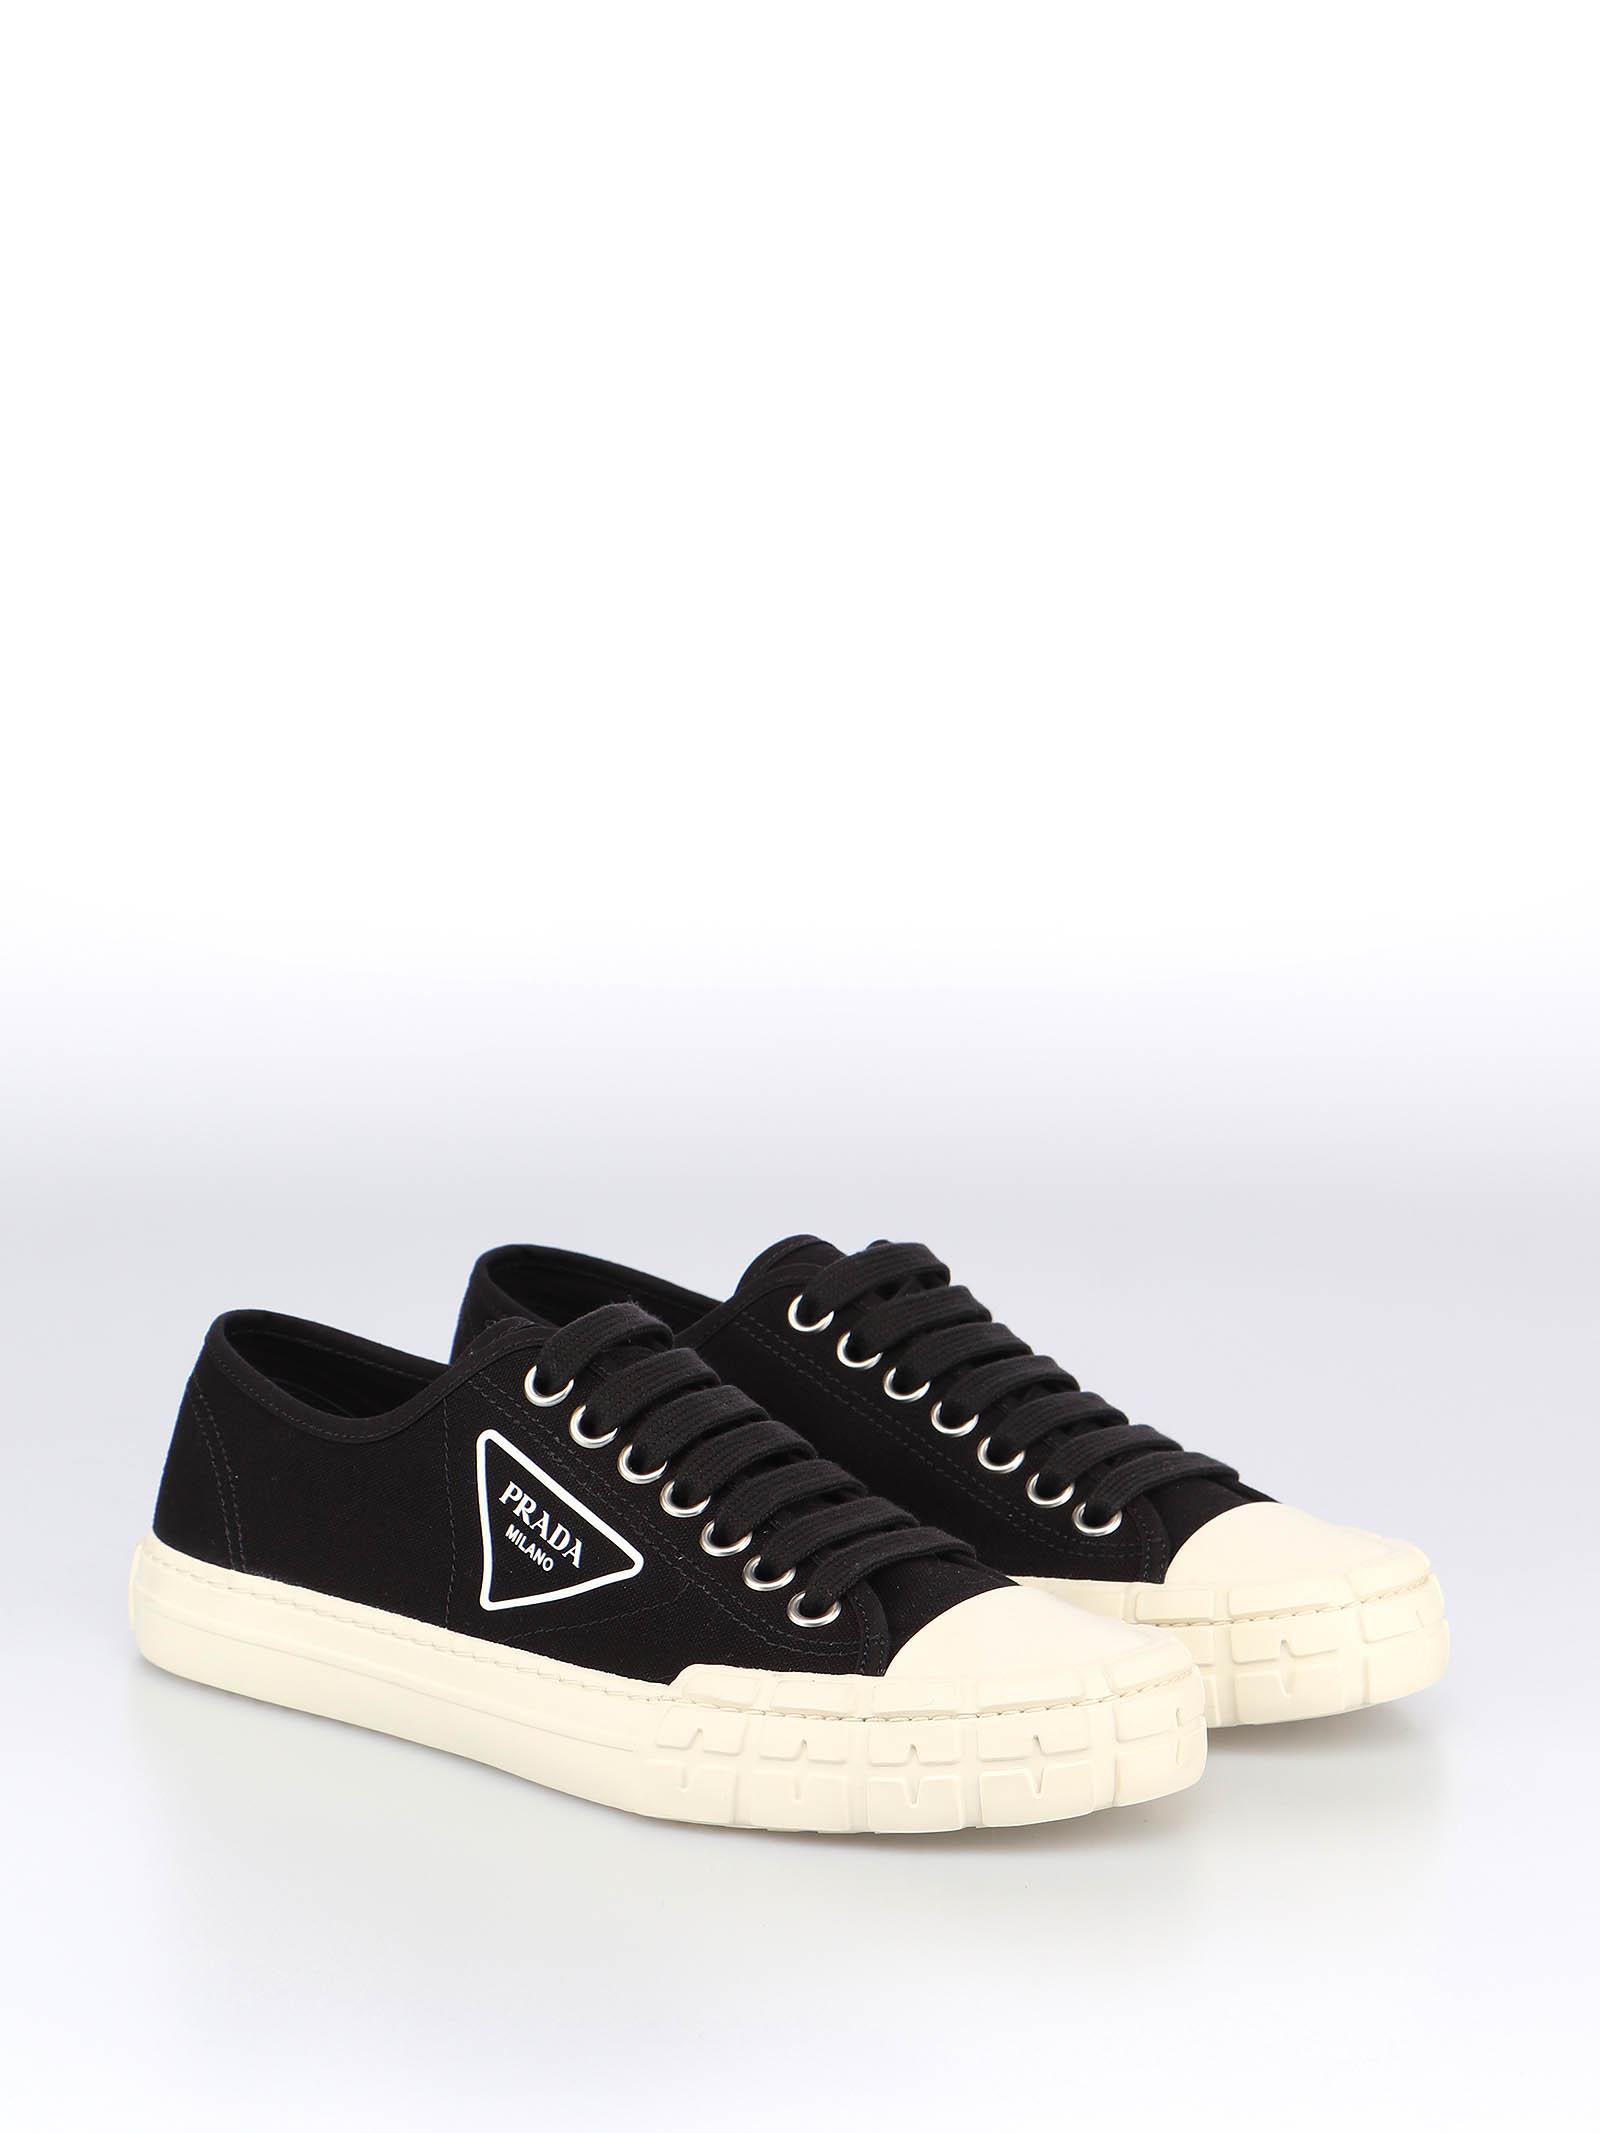 Picture of Prada | Wheel Vulcanizzato Tech Fabric Sneaker